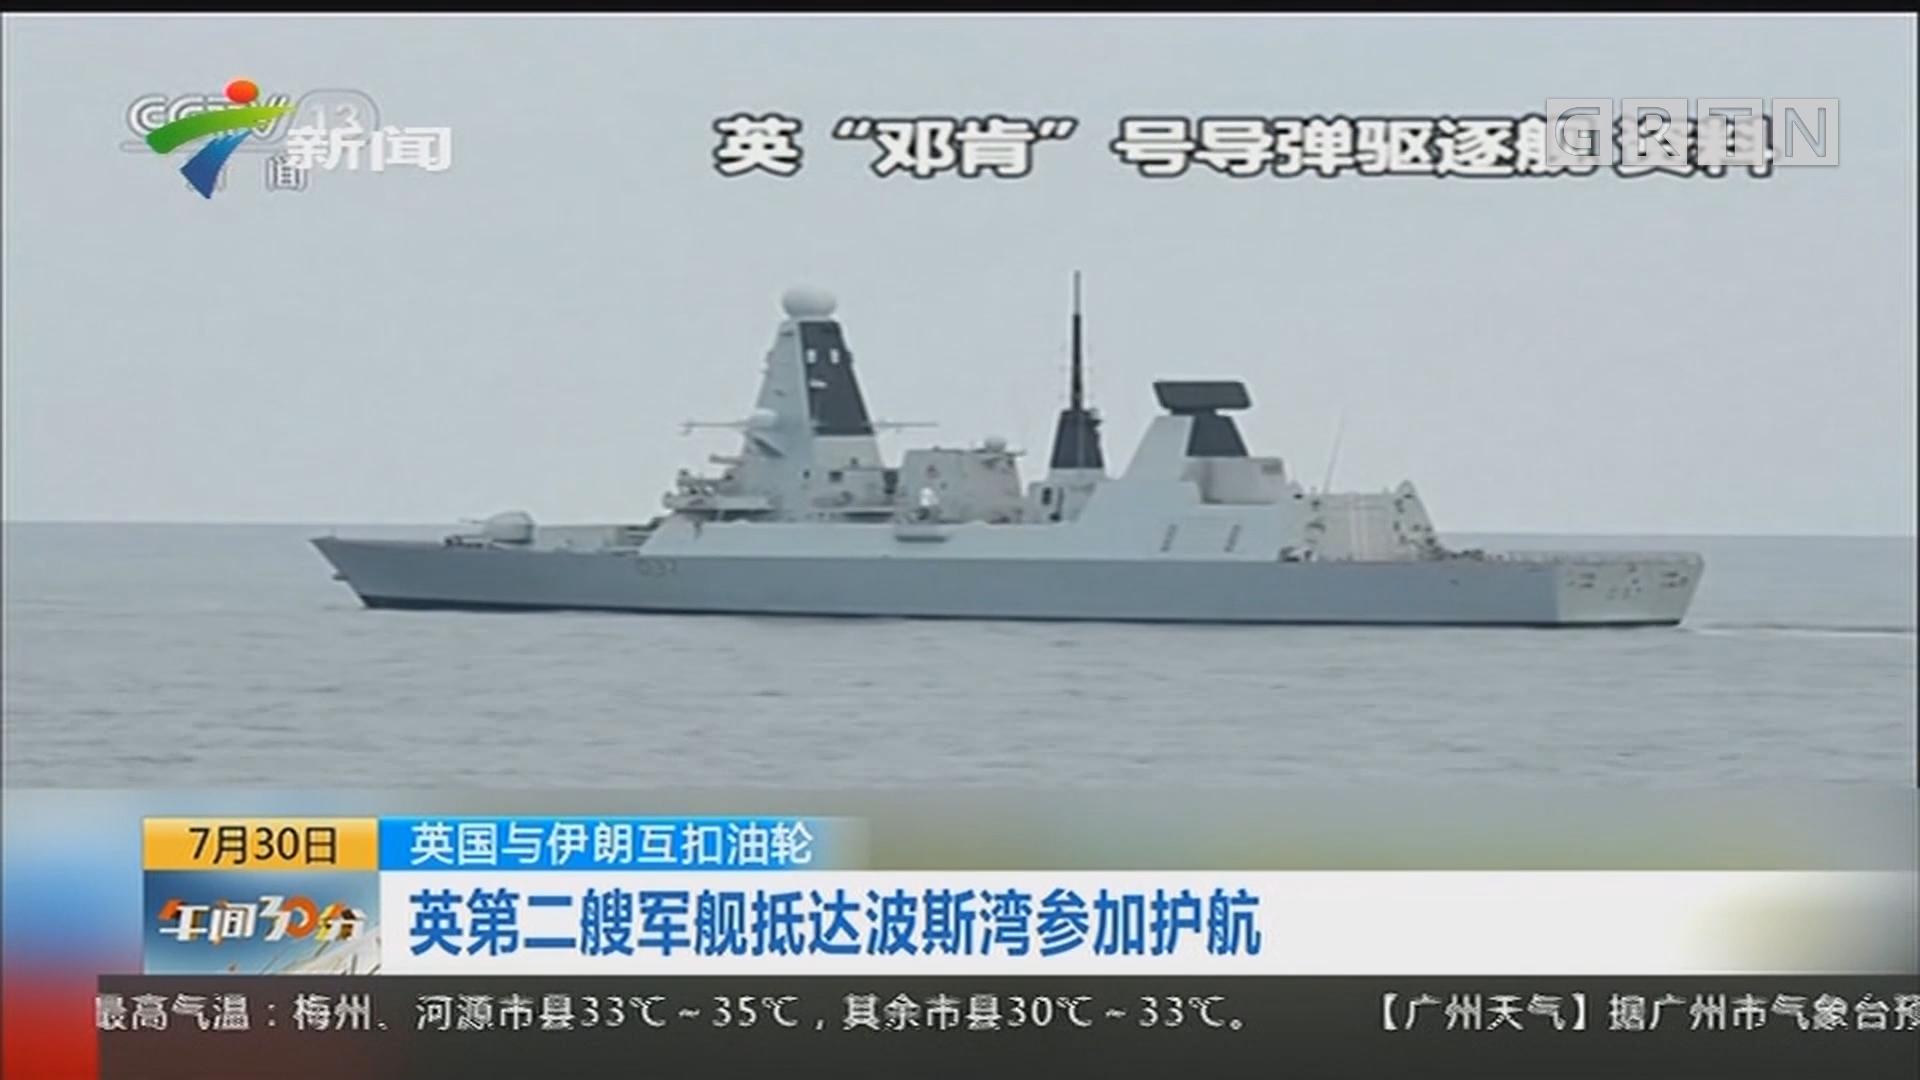 英国与伊朗互扣油轮:英第二艘军舰抵达波斯湾参加护航